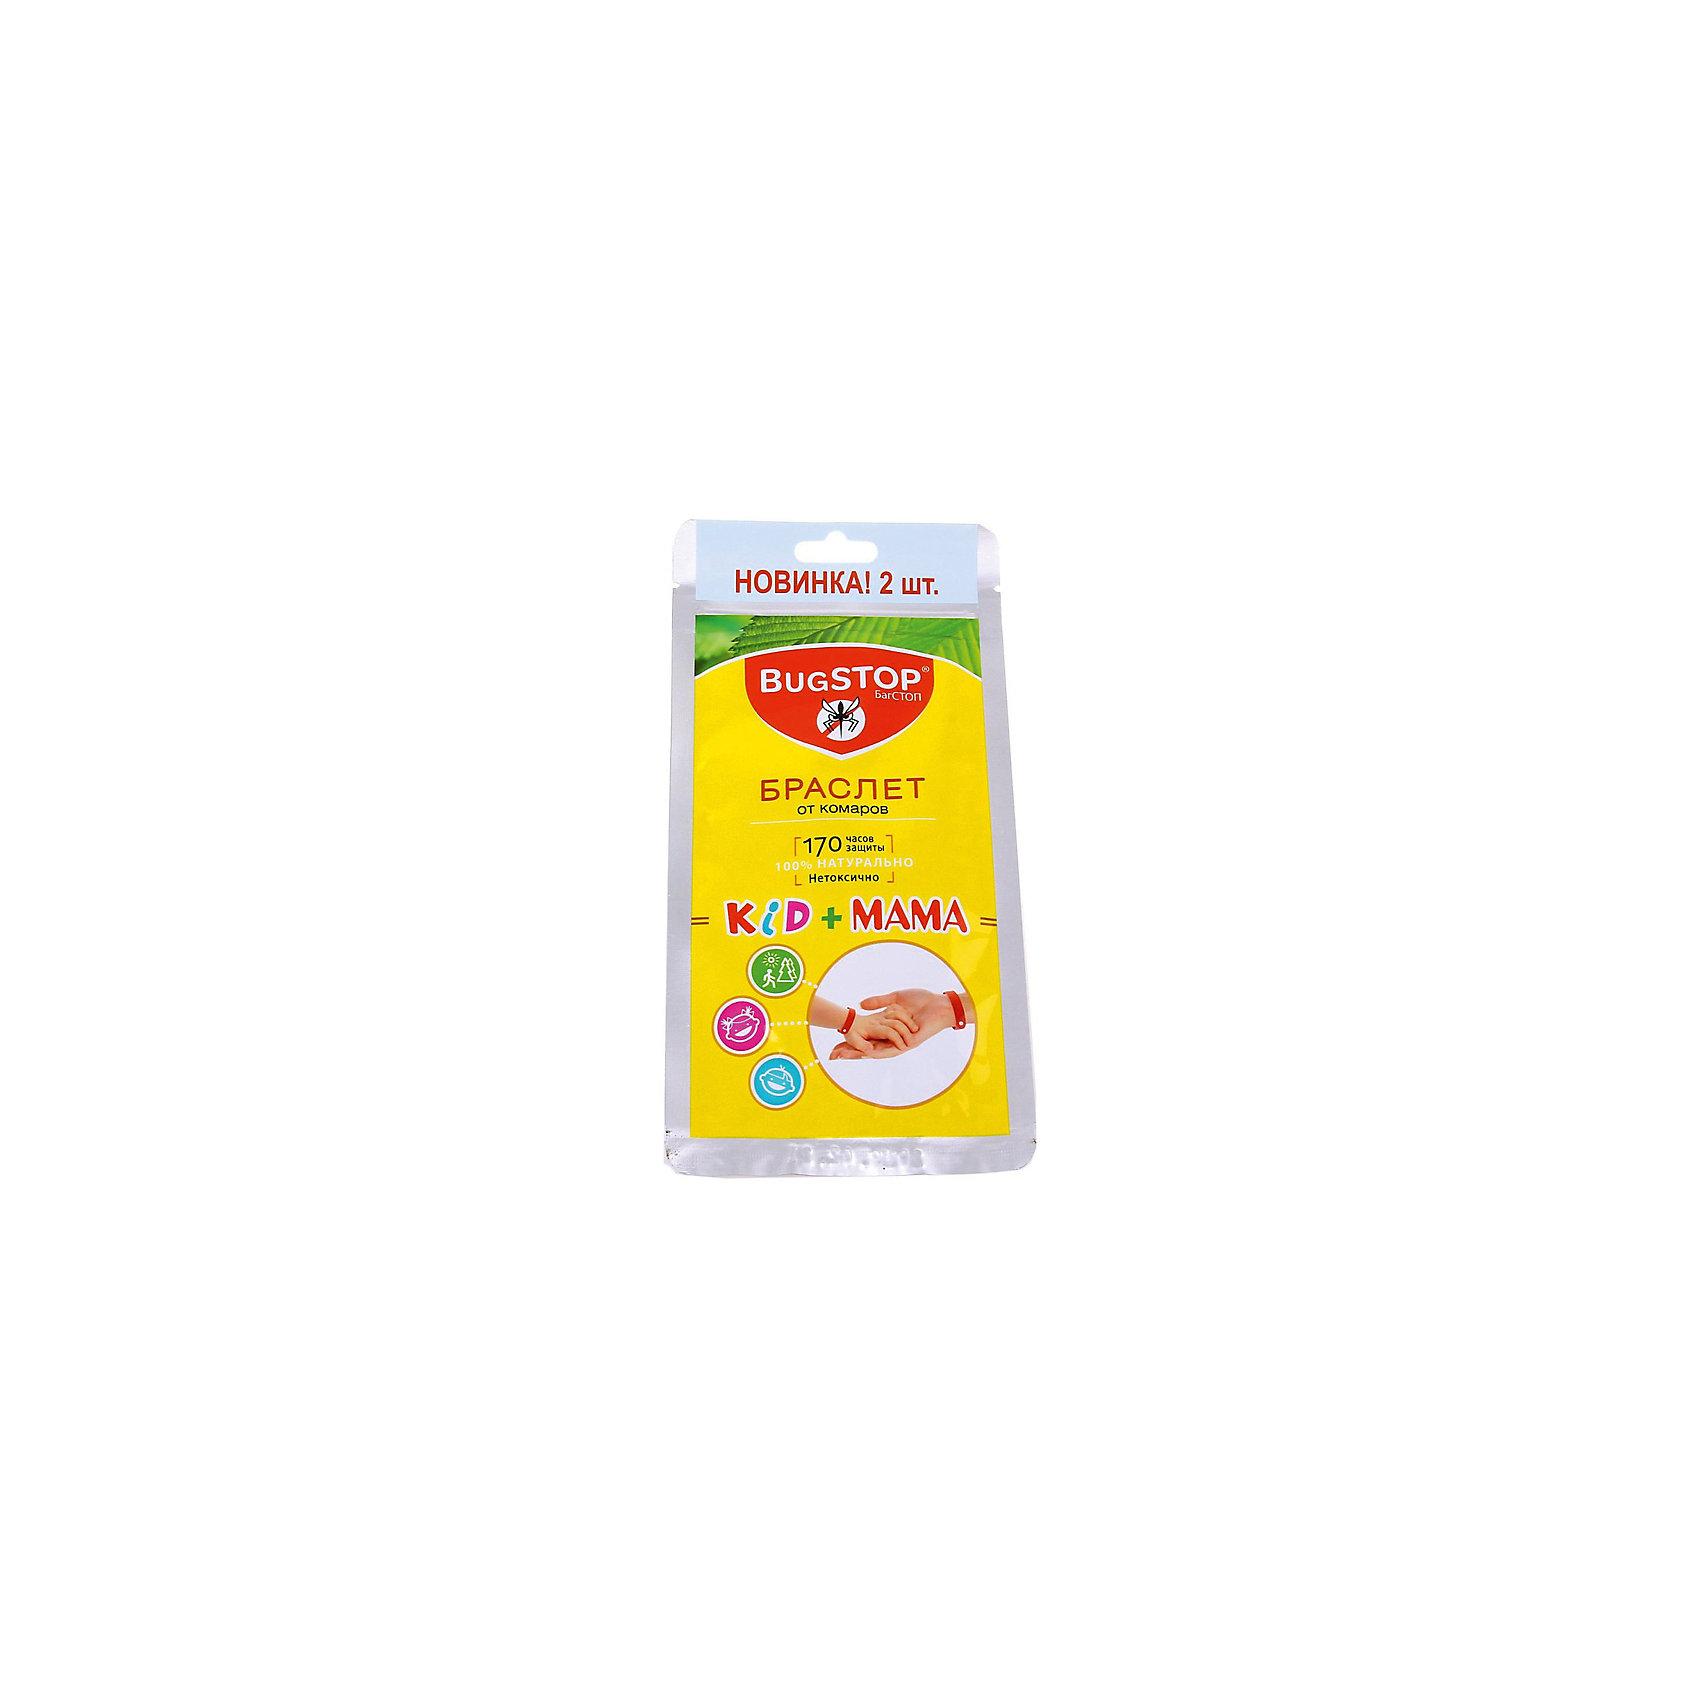 Браслет от комаров KIDS+MAMA, BugSTOPСредства защиты от солнца и насекомых<br>Браслет от комаров марки BugStop (БагСТОП) универсальный браслет для взрослых с одной кнопкой + браслет для детей от 3-х лет (размер 20 см х 1.5 см) с двумя кнопками. <br><br>Изготовлен из микрофибры, 20% от объма составл.пропитка маслом травы цитронеллы.                                           В действии испарение паров репеллента не позволяет комарам приблизиться, обеспечивая индивид.защиту в радиусе до 3 метров.  Рекомендован к использованию на открытом воздухе. Для сохранения действия может храниться в заводской фольгированной упаковке, снабженной замком. Общий срок службы не менее 170 ч. защиты.    Специфич.противопоказаний не имеет. рекомендован к использованию на открытом воздухе. Разрешен к применению детям в возрасте от 3 лет.<br><br>Дополнительная информация:<br><br>В комплекте 2 браслета<br><br>Браслет от комаров KIDS+MAMA, BugSTOP можно купить в нашем магазине.<br><br>Ширина мм: 100<br>Глубина мм: 4<br>Высота мм: 200<br>Вес г: 14<br>Возраст от месяцев: 36<br>Возраст до месяцев: 144<br>Пол: Унисекс<br>Возраст: Детский<br>SKU: 4667896